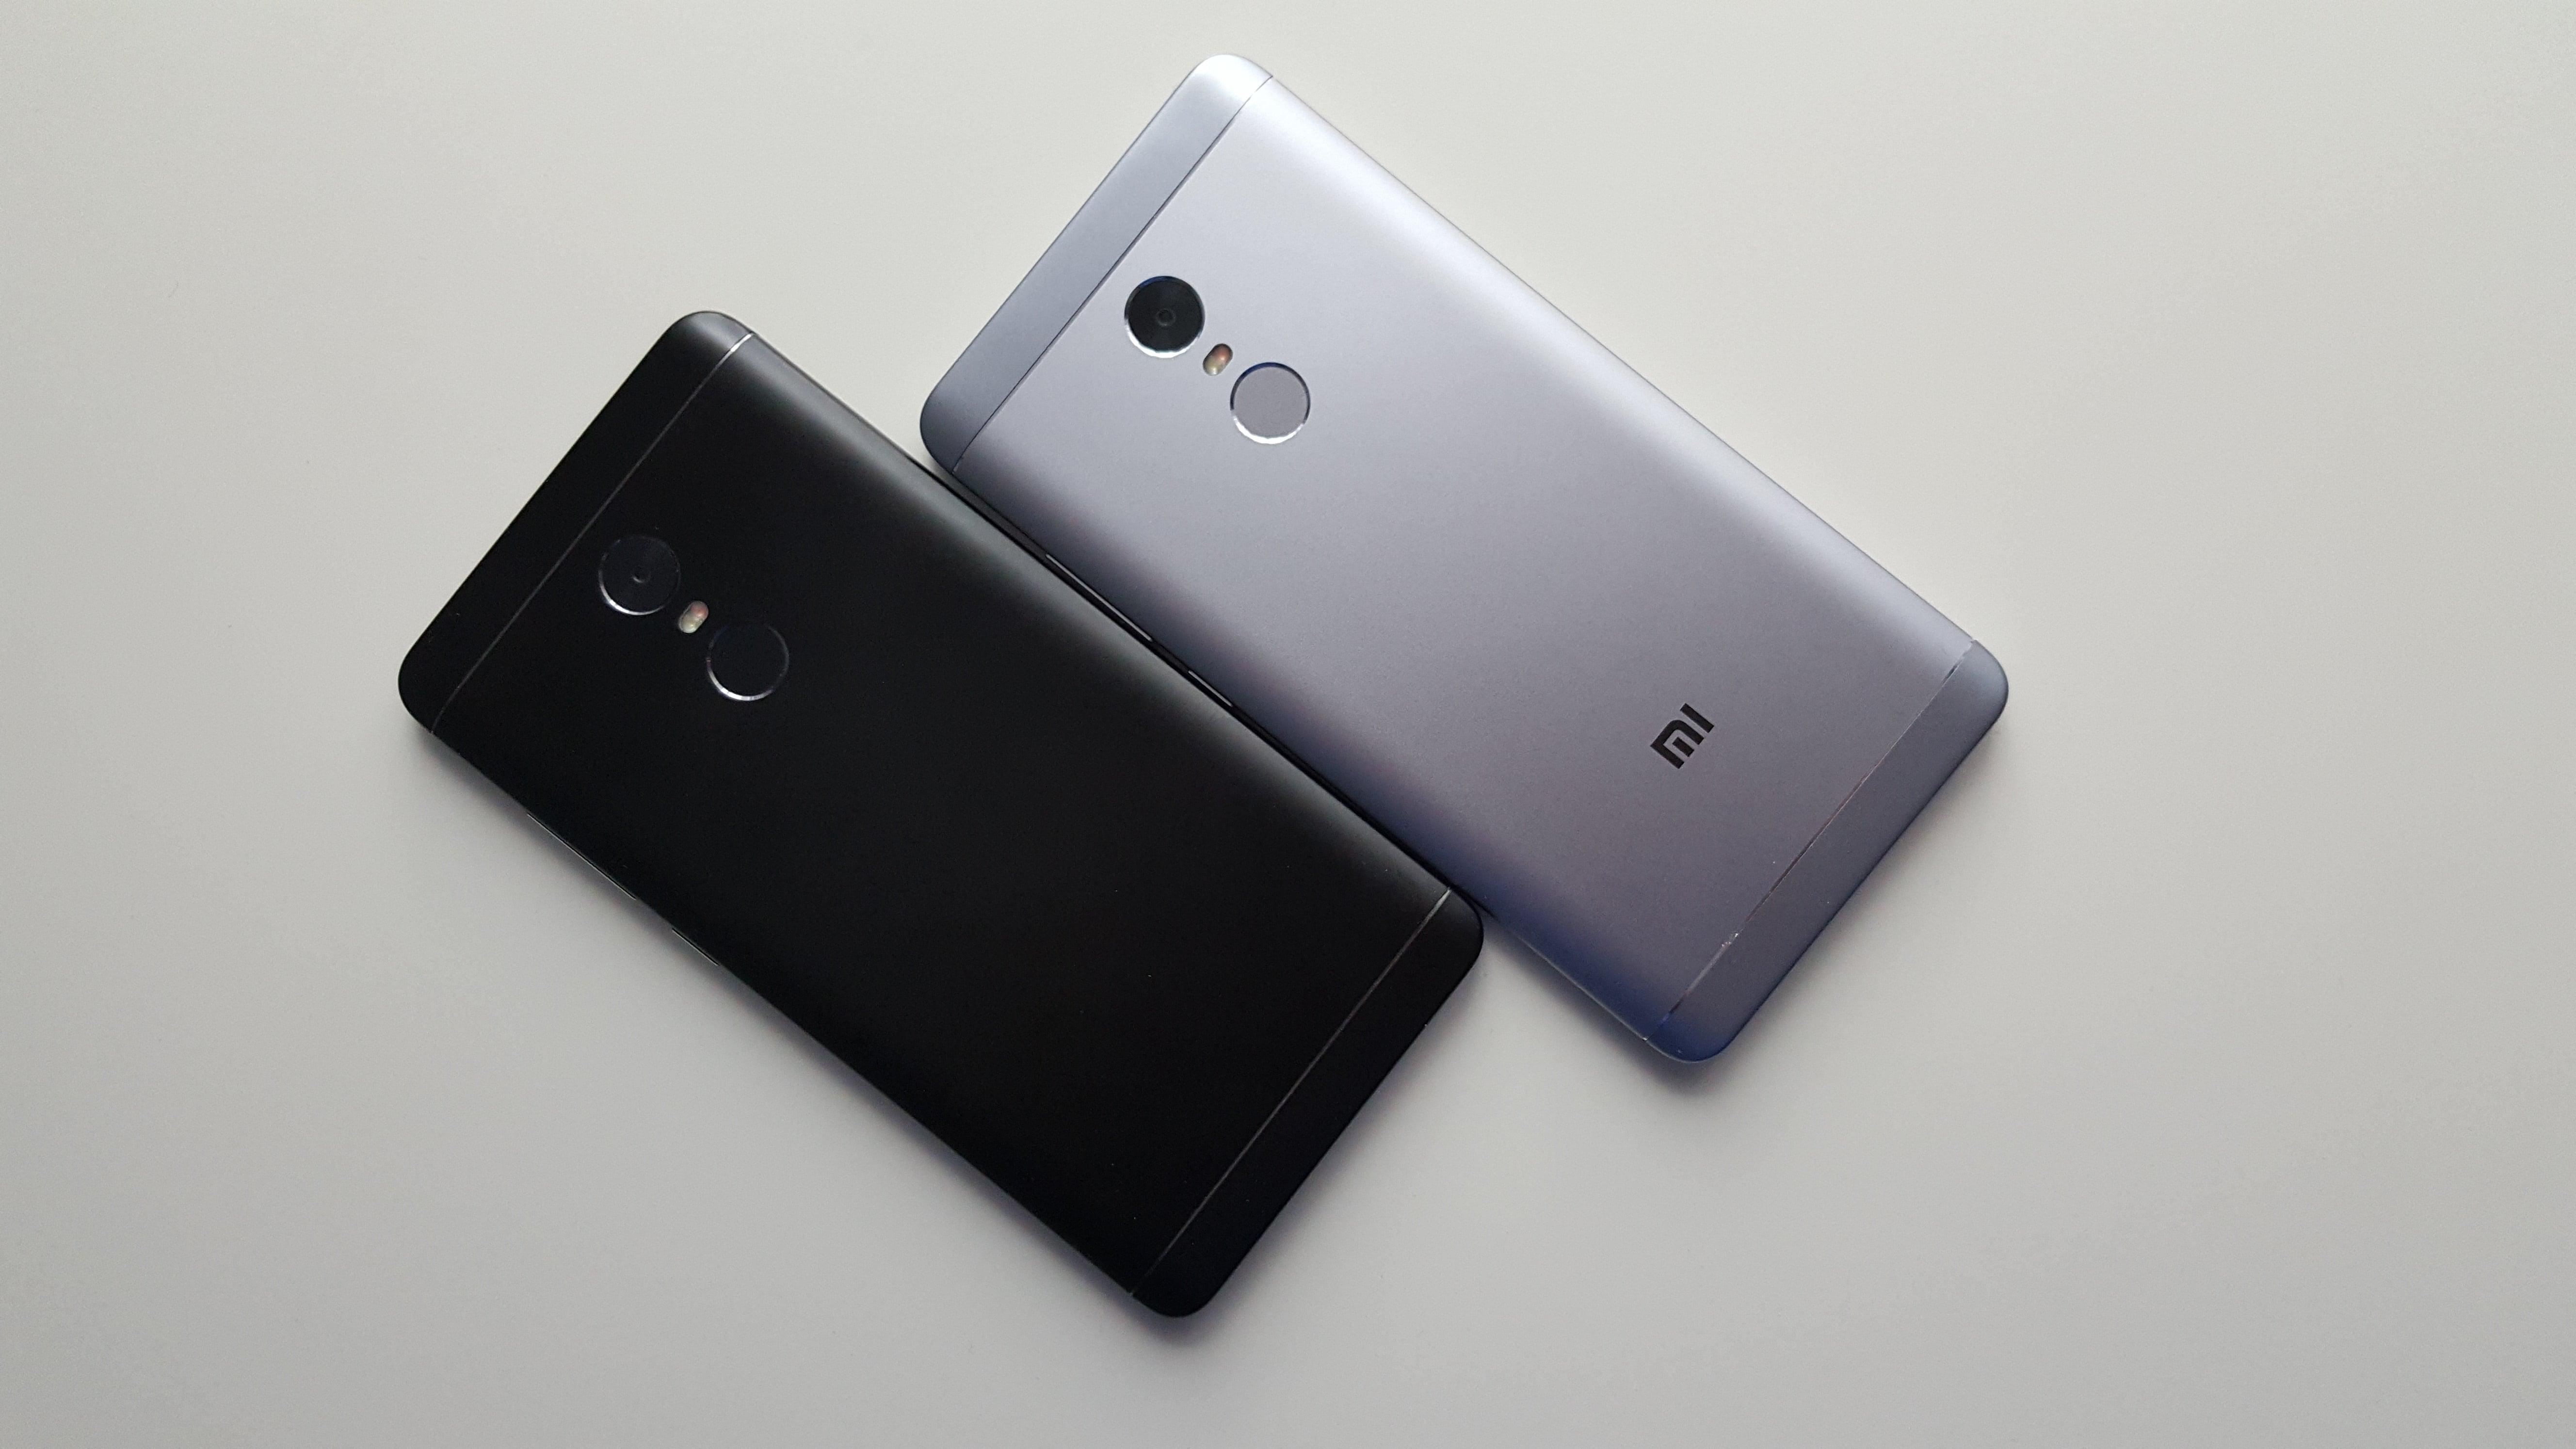 Tabletowo Recenzja Xiaomi Redmi Note 4 Android Recenzje Smartfony Xiaomi